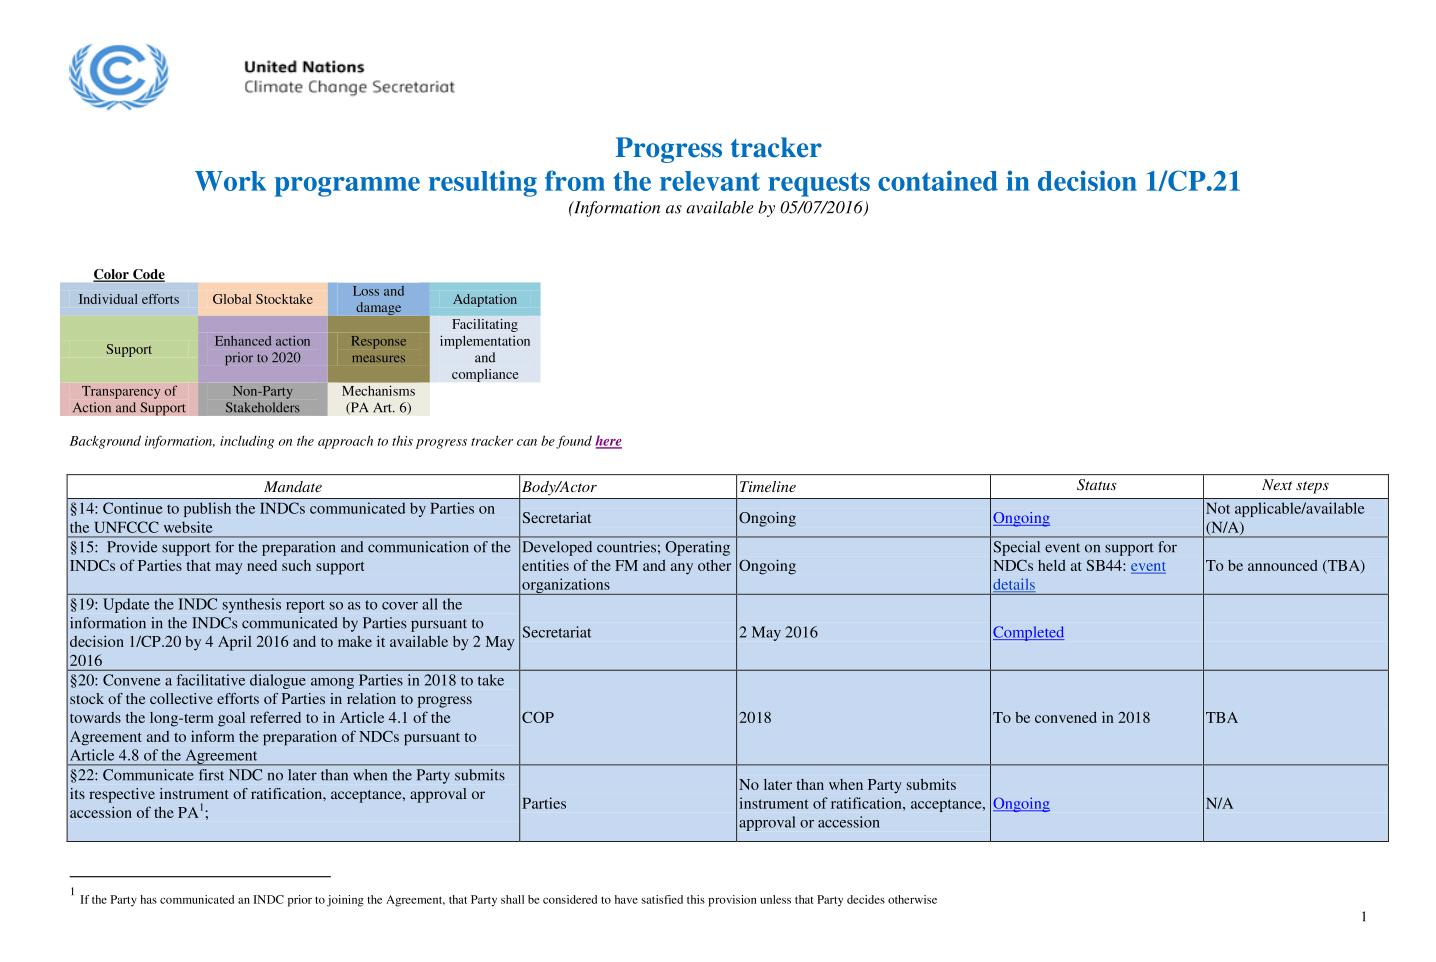 Progreso de la implementaciòn del Acuerdo de Parìs